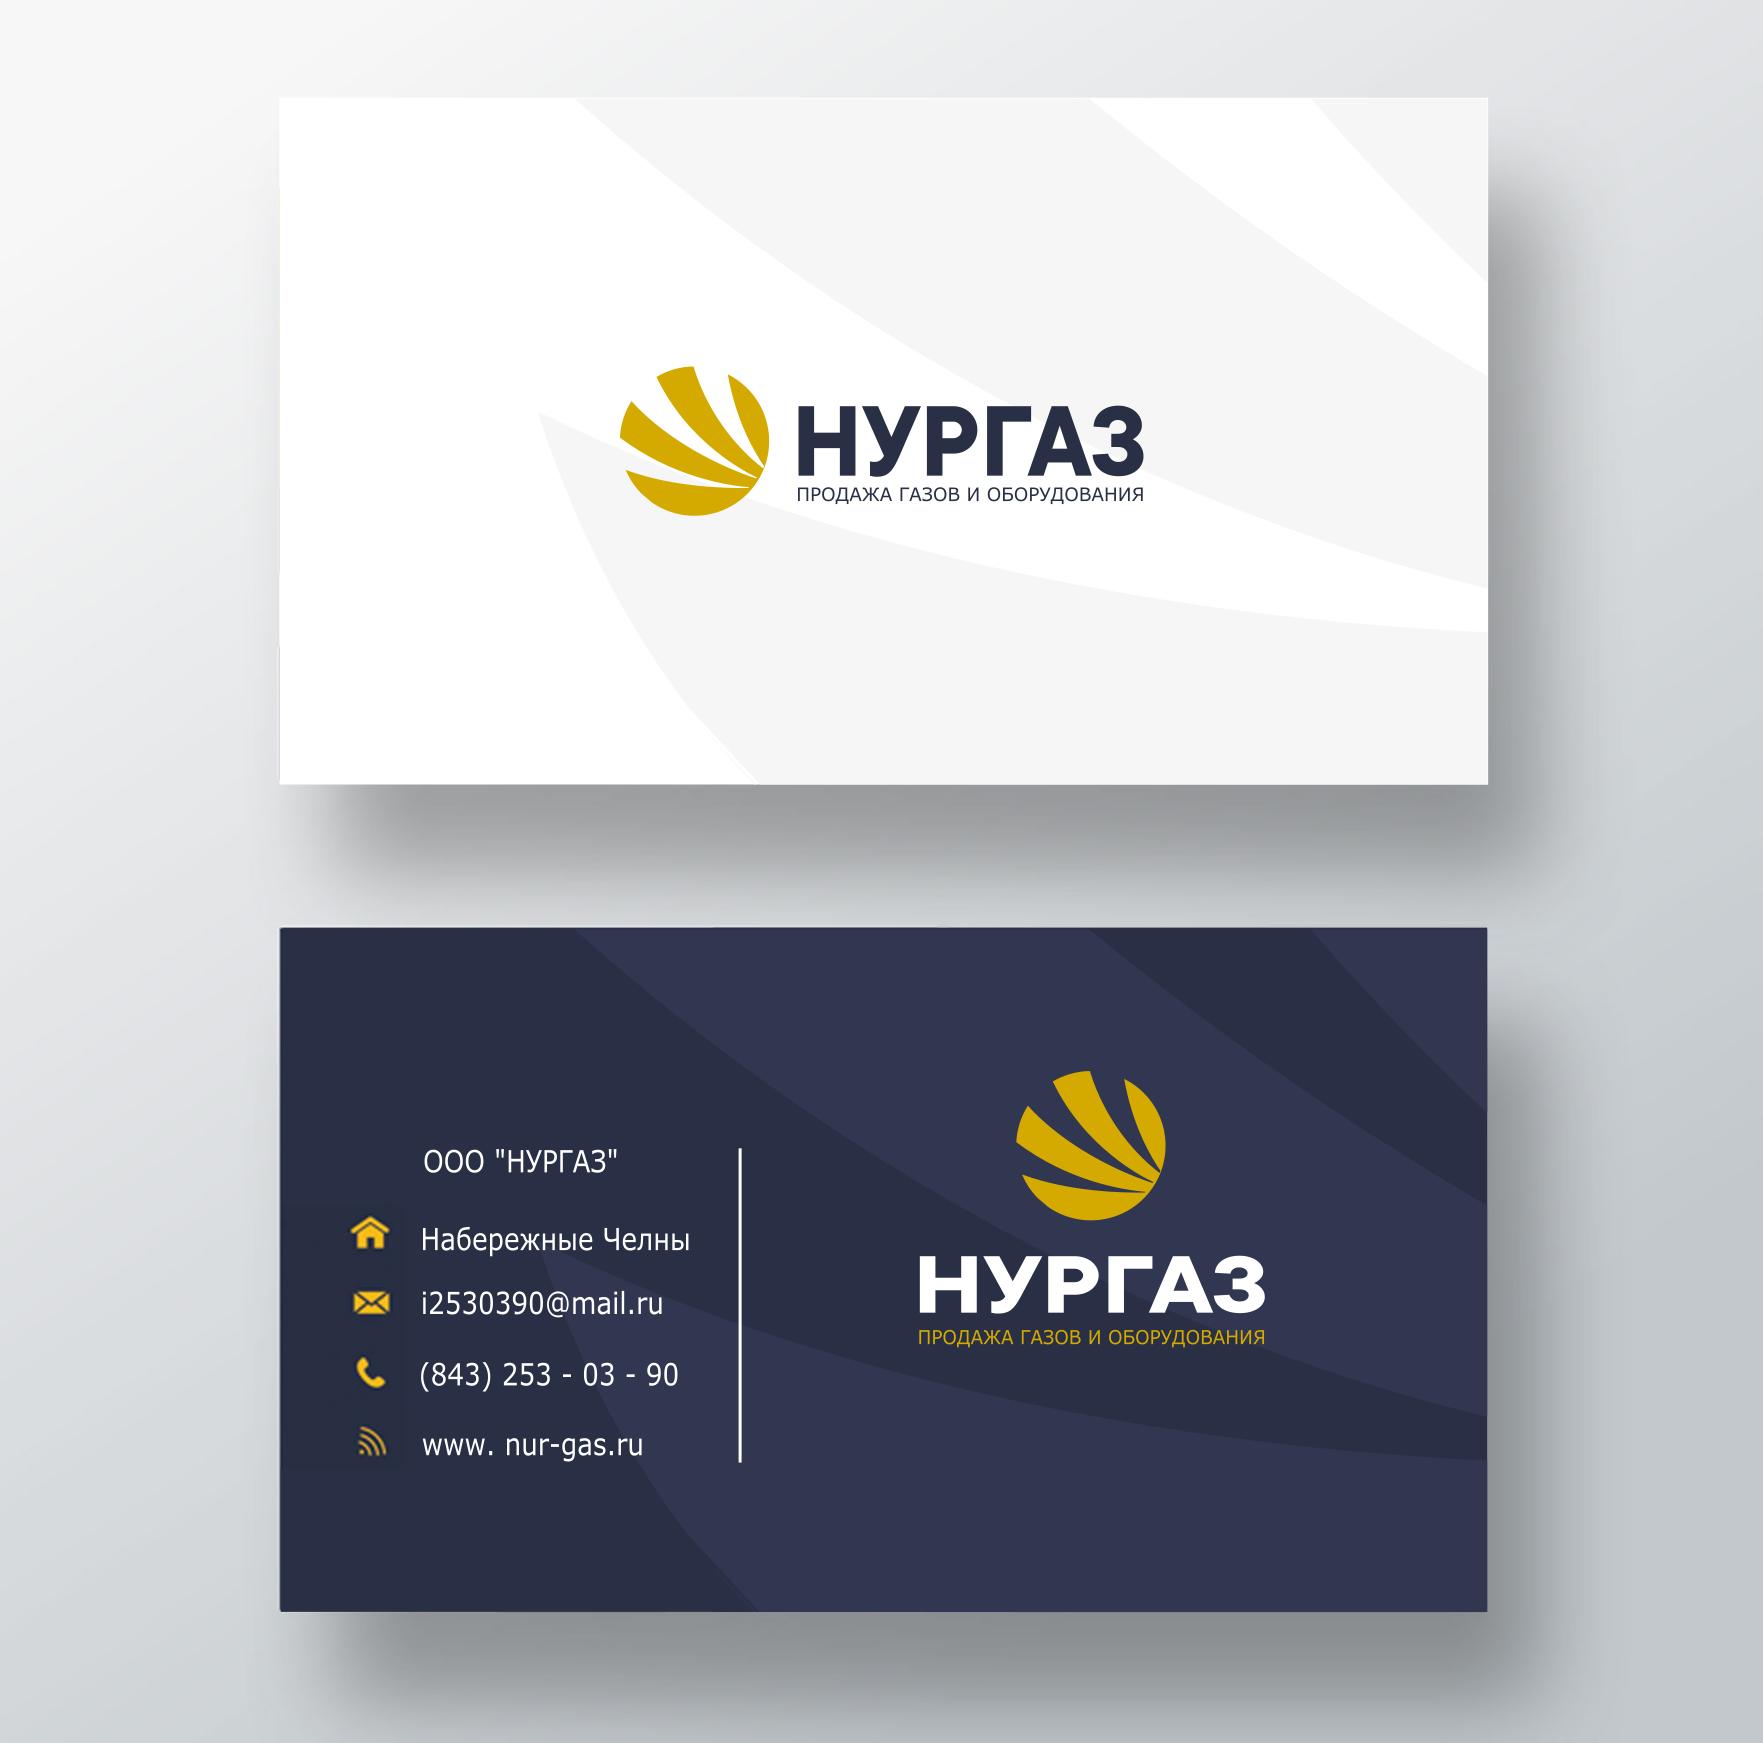 Разработка логотипа и фирменного стиля фото f_4805da82d8558766.png